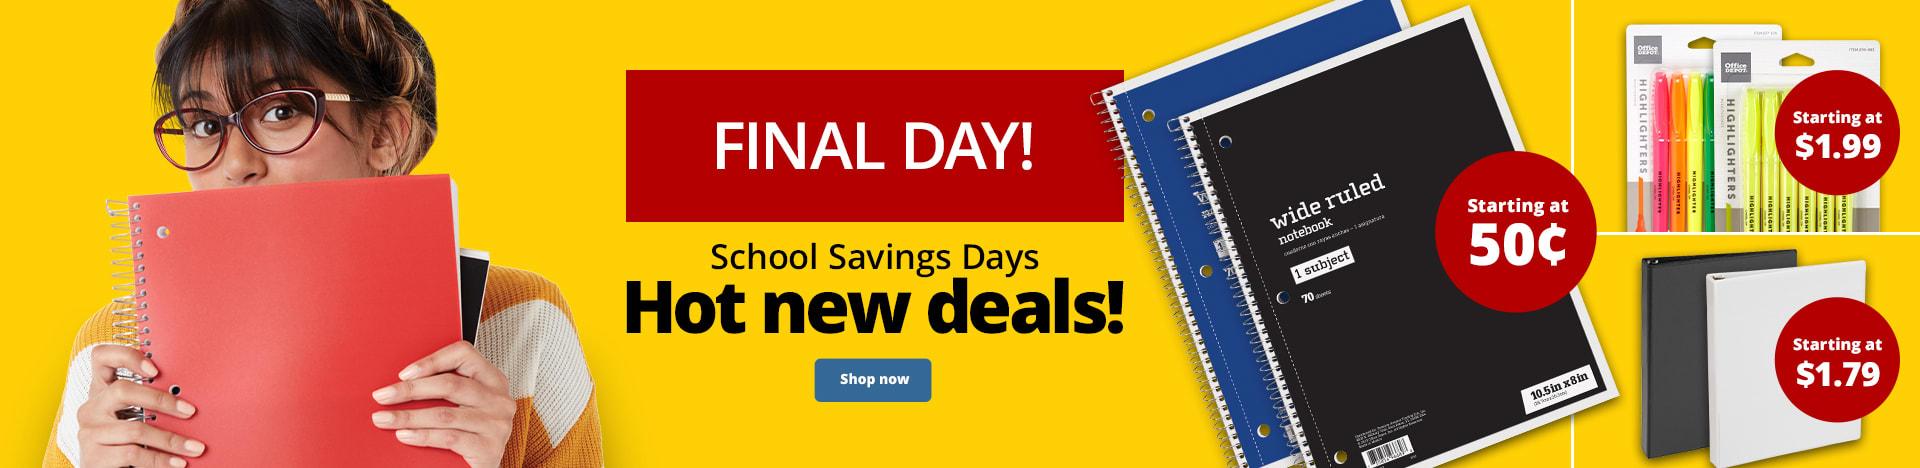 Finals Day. School Savings Days. Hot new deals each week